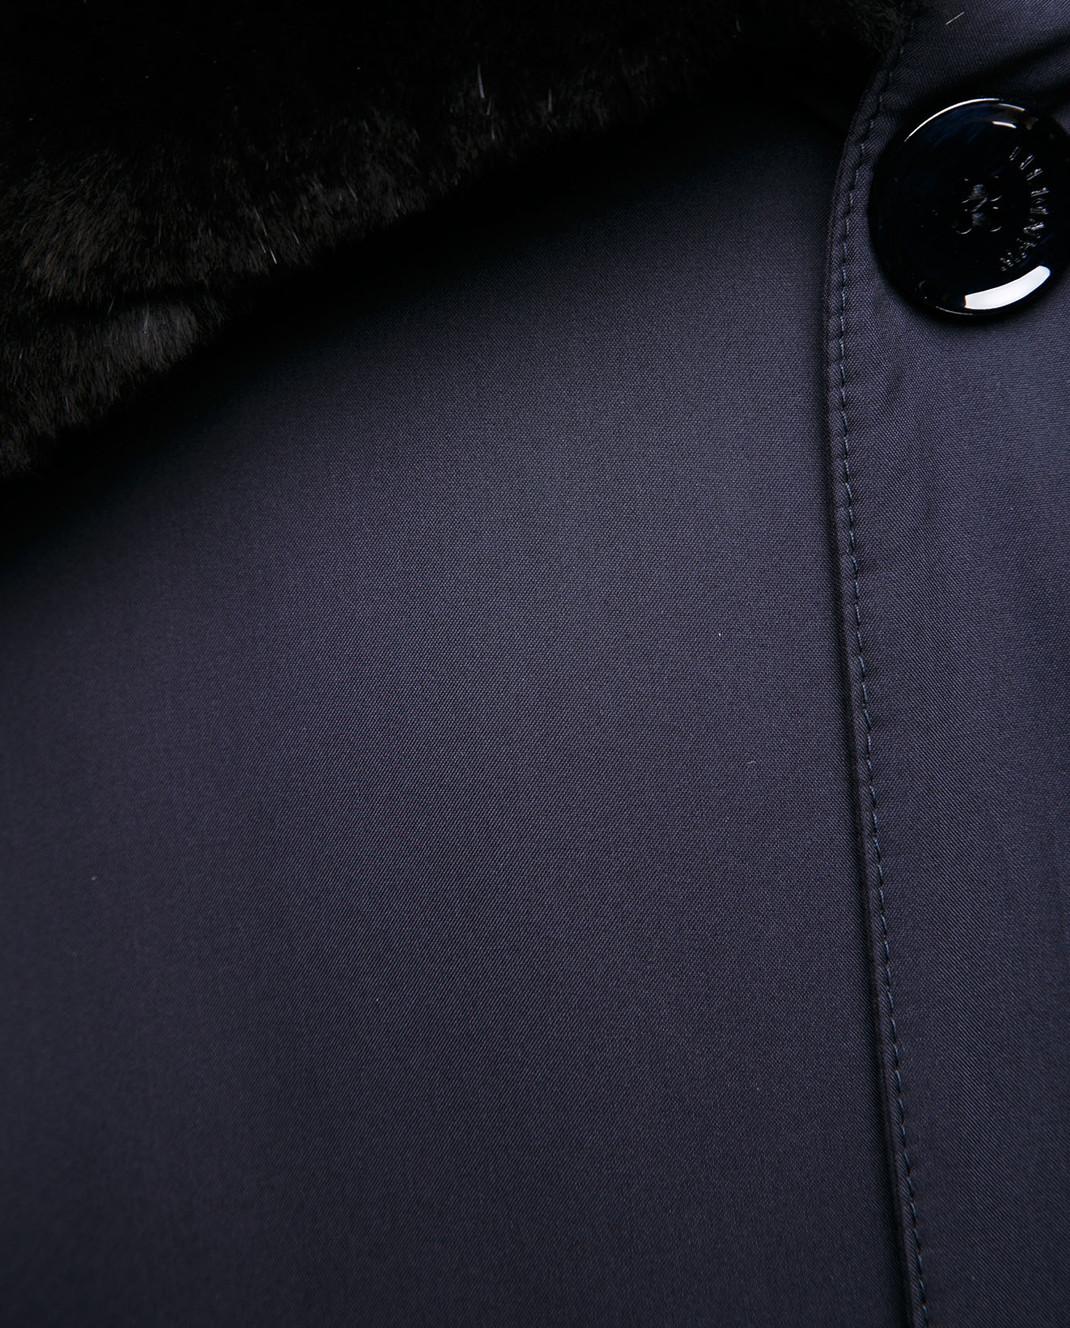 Enrico Mandelli Синее пальто из шелка со съёмным воротником из меха нутрии A6T766 изображение 5